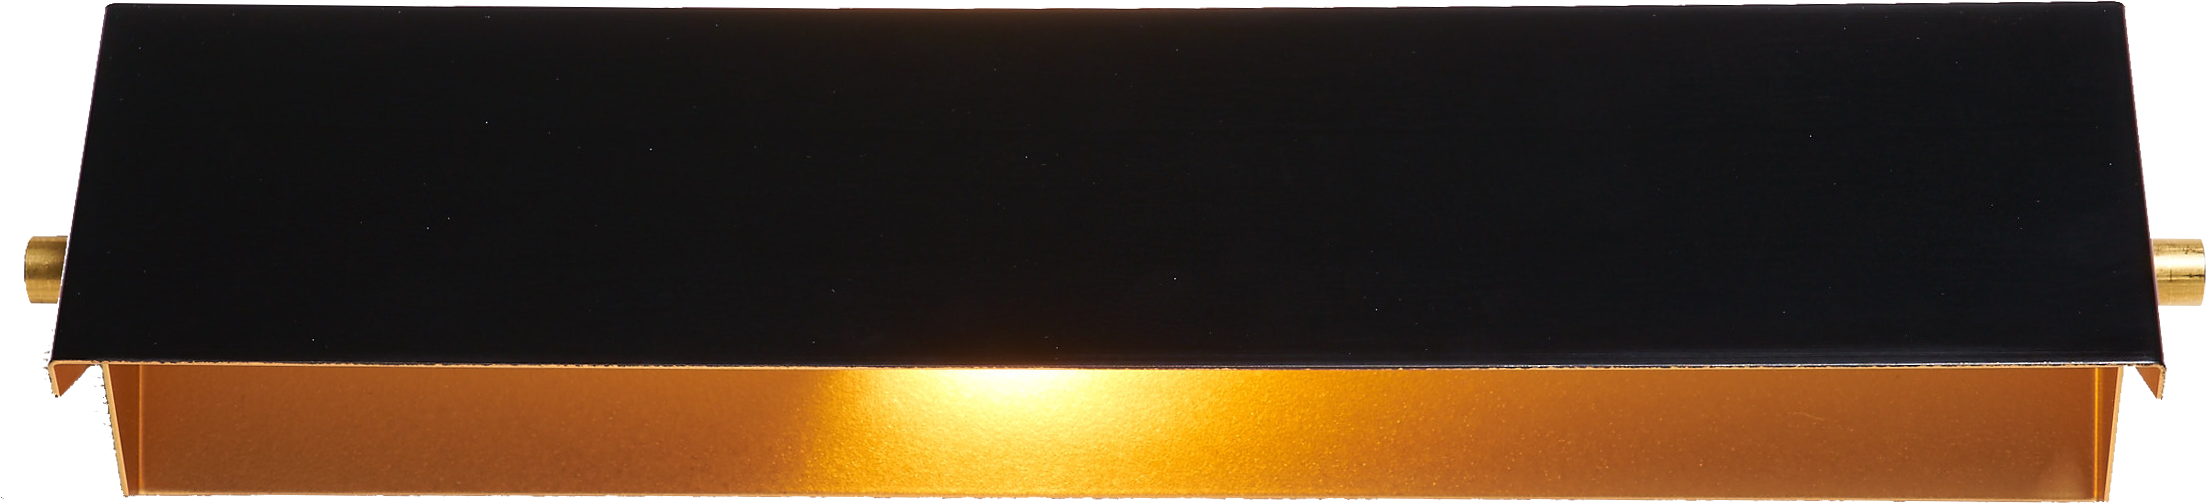 Applique rectangle 35cm noir/or